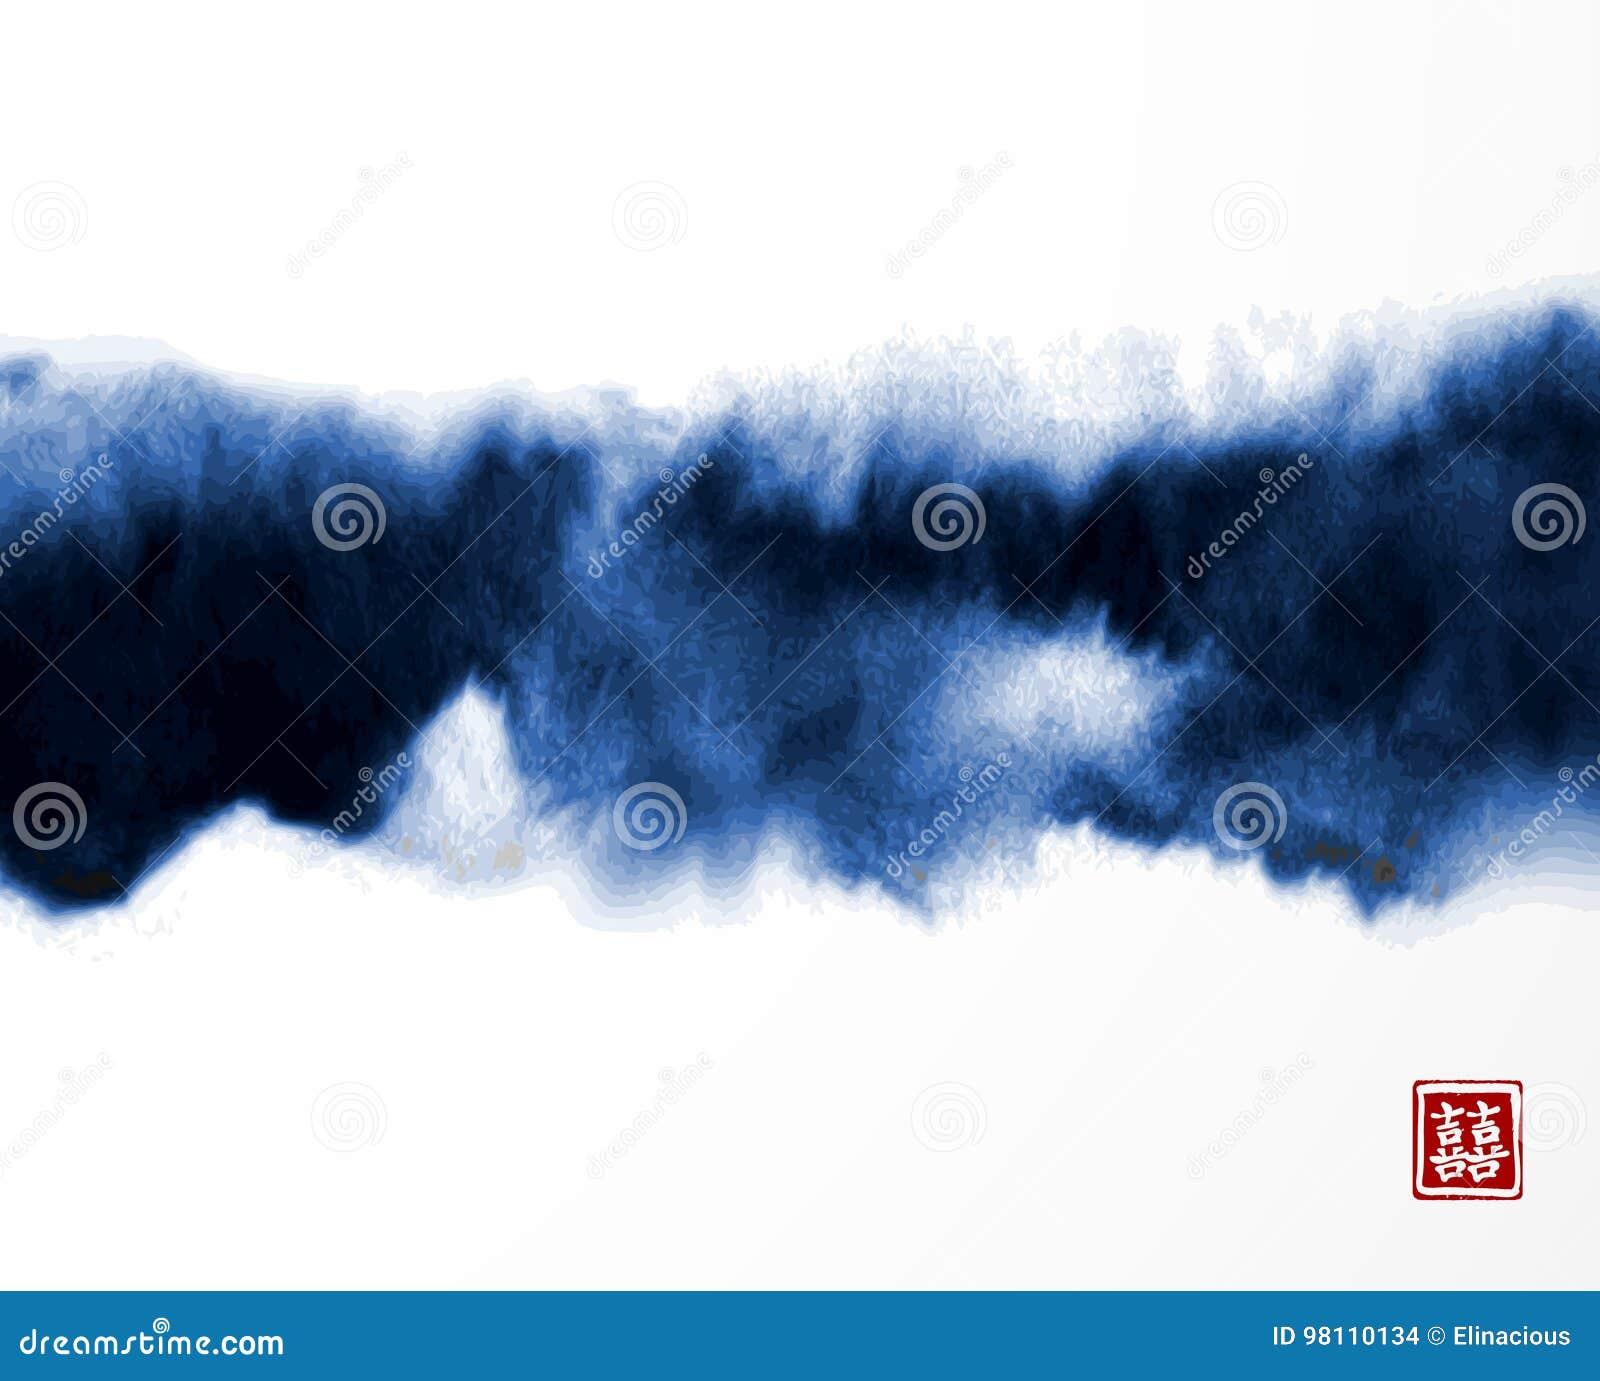 Αφηρημένη ζωγραφική πλυσίματος μπλε μελανιού στο ανατολικό ασιατικό ύφος στο άσπρο υπόβαθρο Σύσταση Grunge